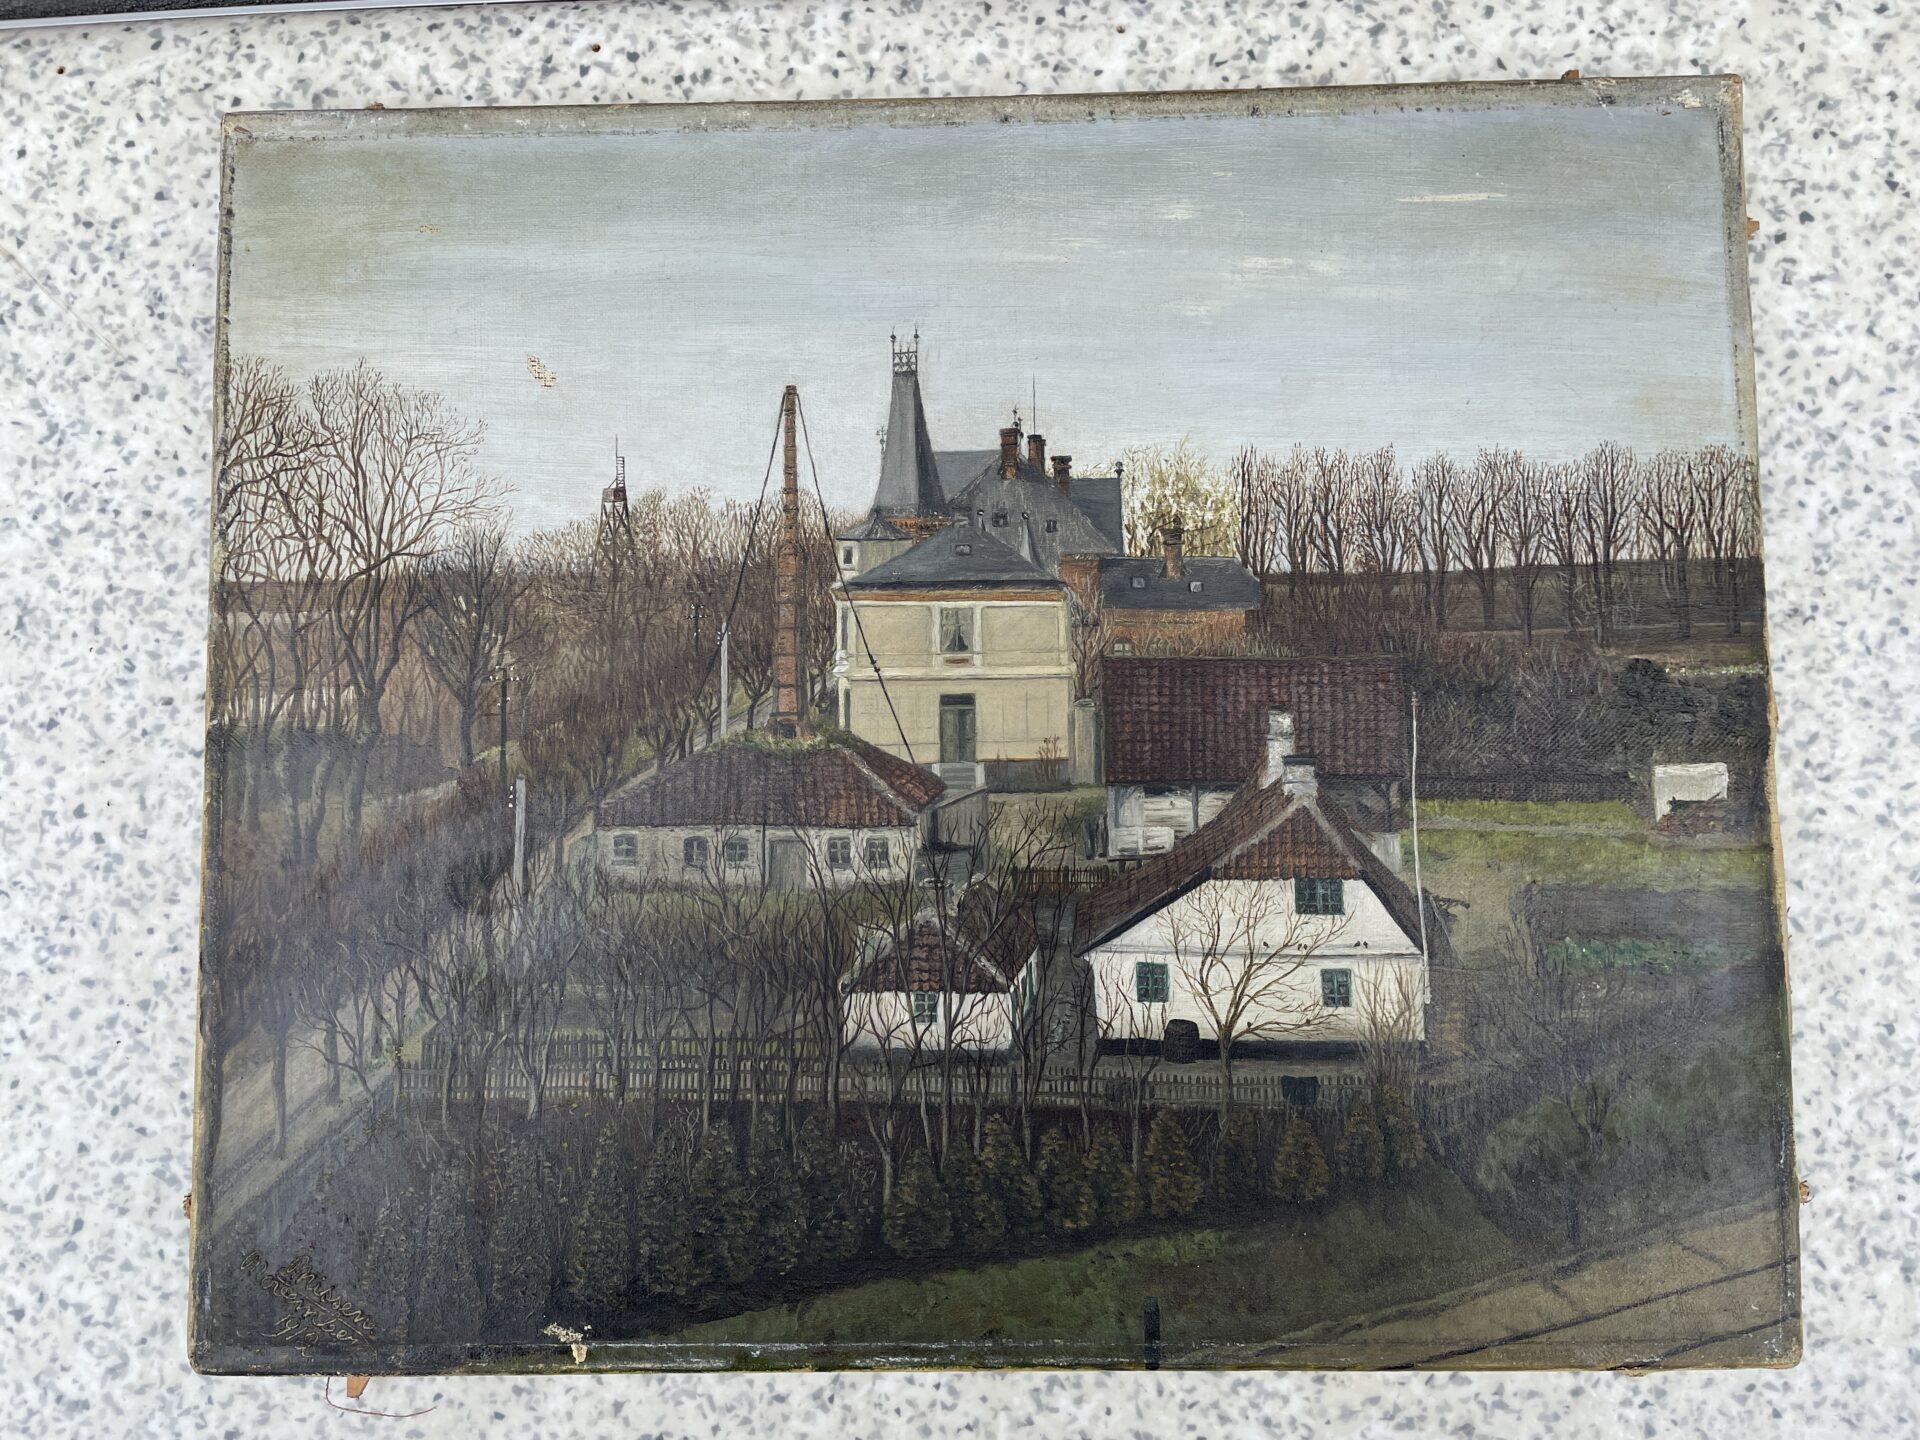 Gammelt maleri af Villa Estrella, Fredericia, signeret Nissen 1912, uindrammet,43x34 cm,